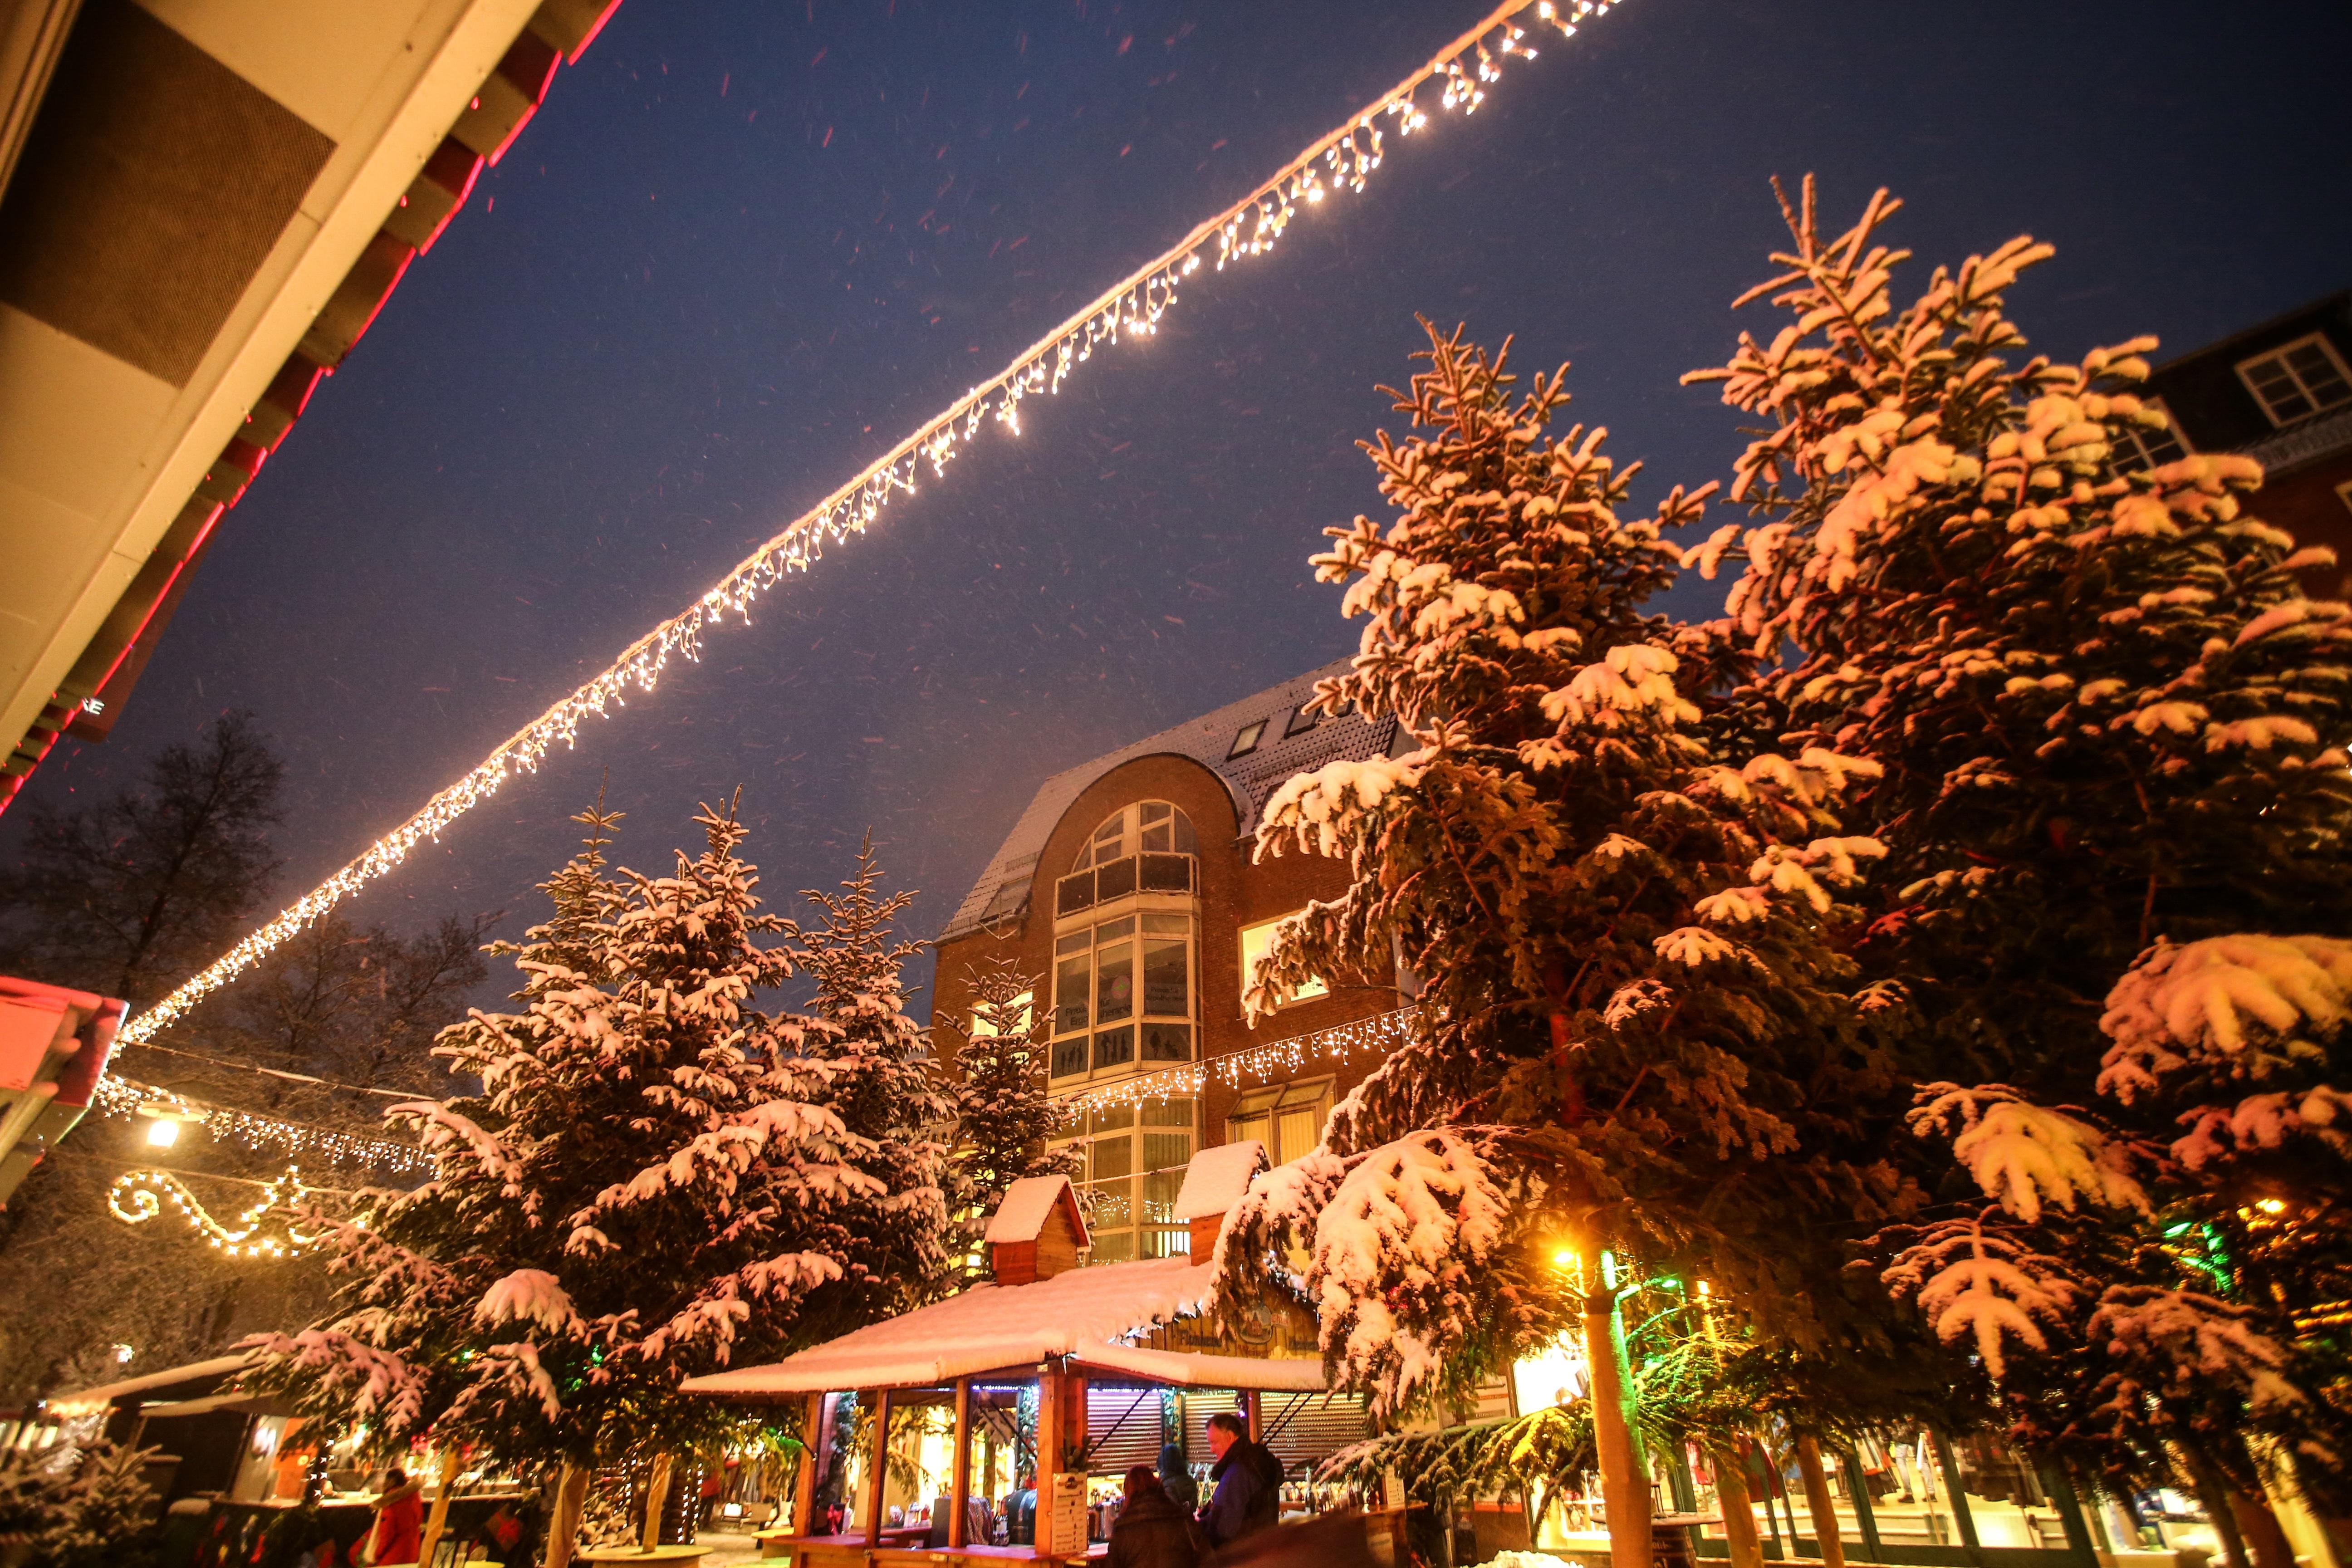 Mit Schnee bedeckte Tannen und Menschen auf dem Weihnachtsmarkt.